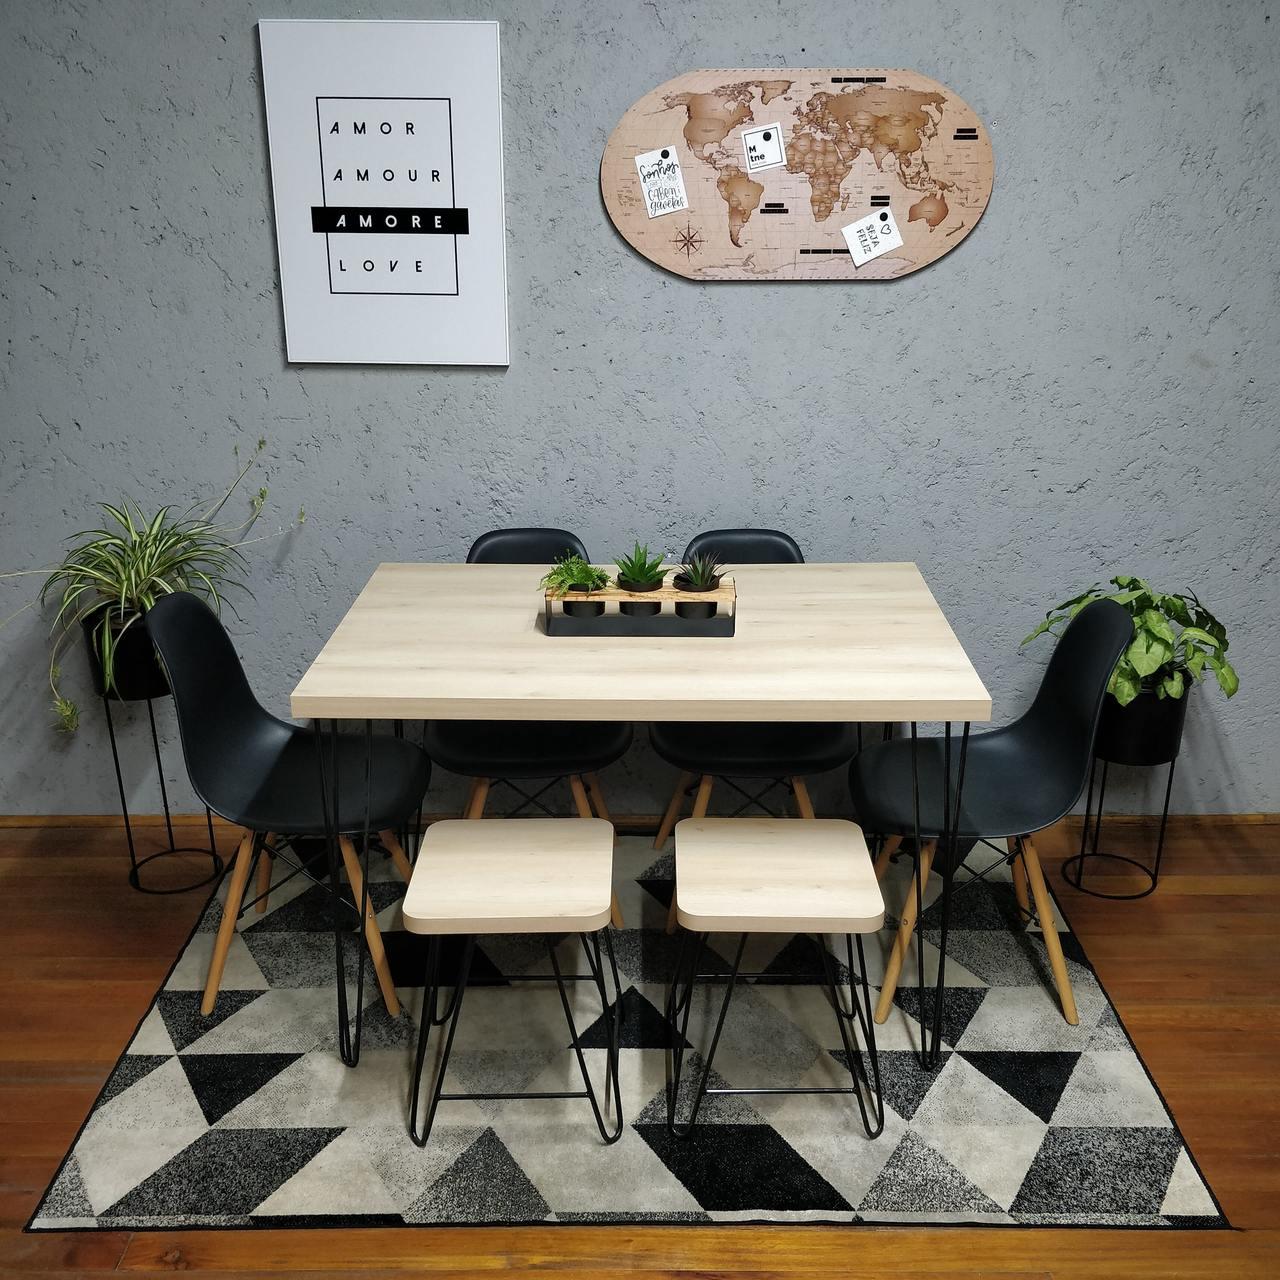 Mesa de Jantar Sob Medida 70 x 120 Faia com 2 Banquinhos e 4 Cadeiras Pretas